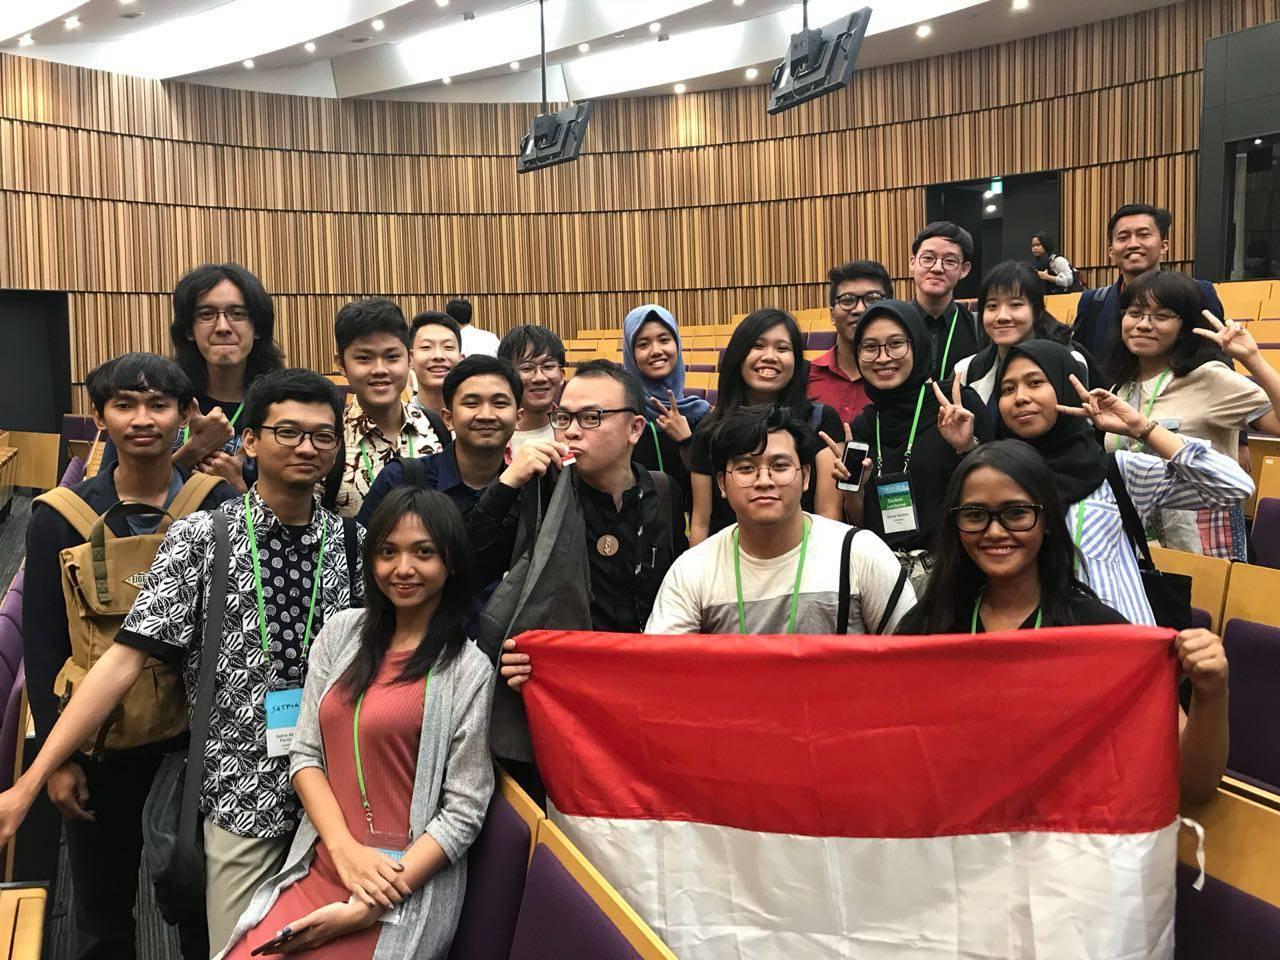 Arcasia Student Jamboree 2018